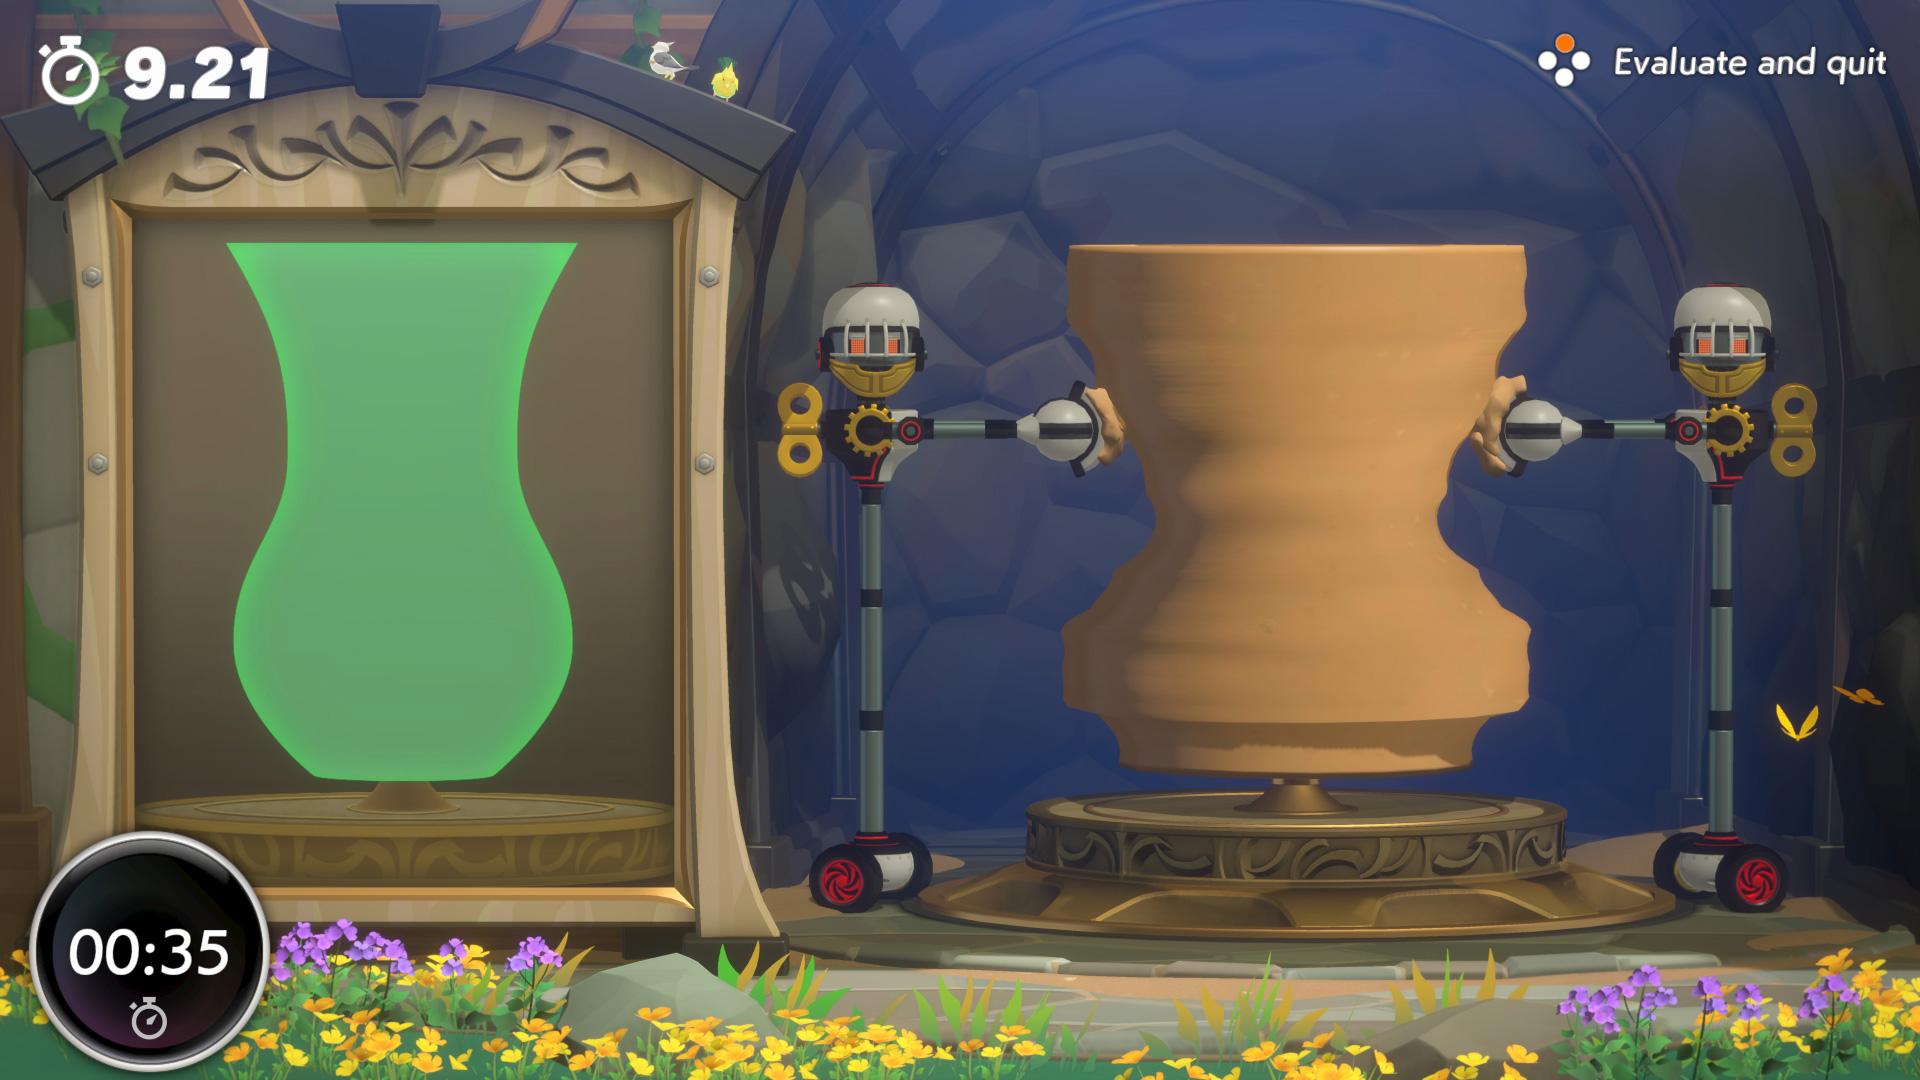 Hier soll der Spieler durch Zusammendrücken des Rings eine Vase formen, die dem vorgegebenen Bild links so nah wie möglich kommt.